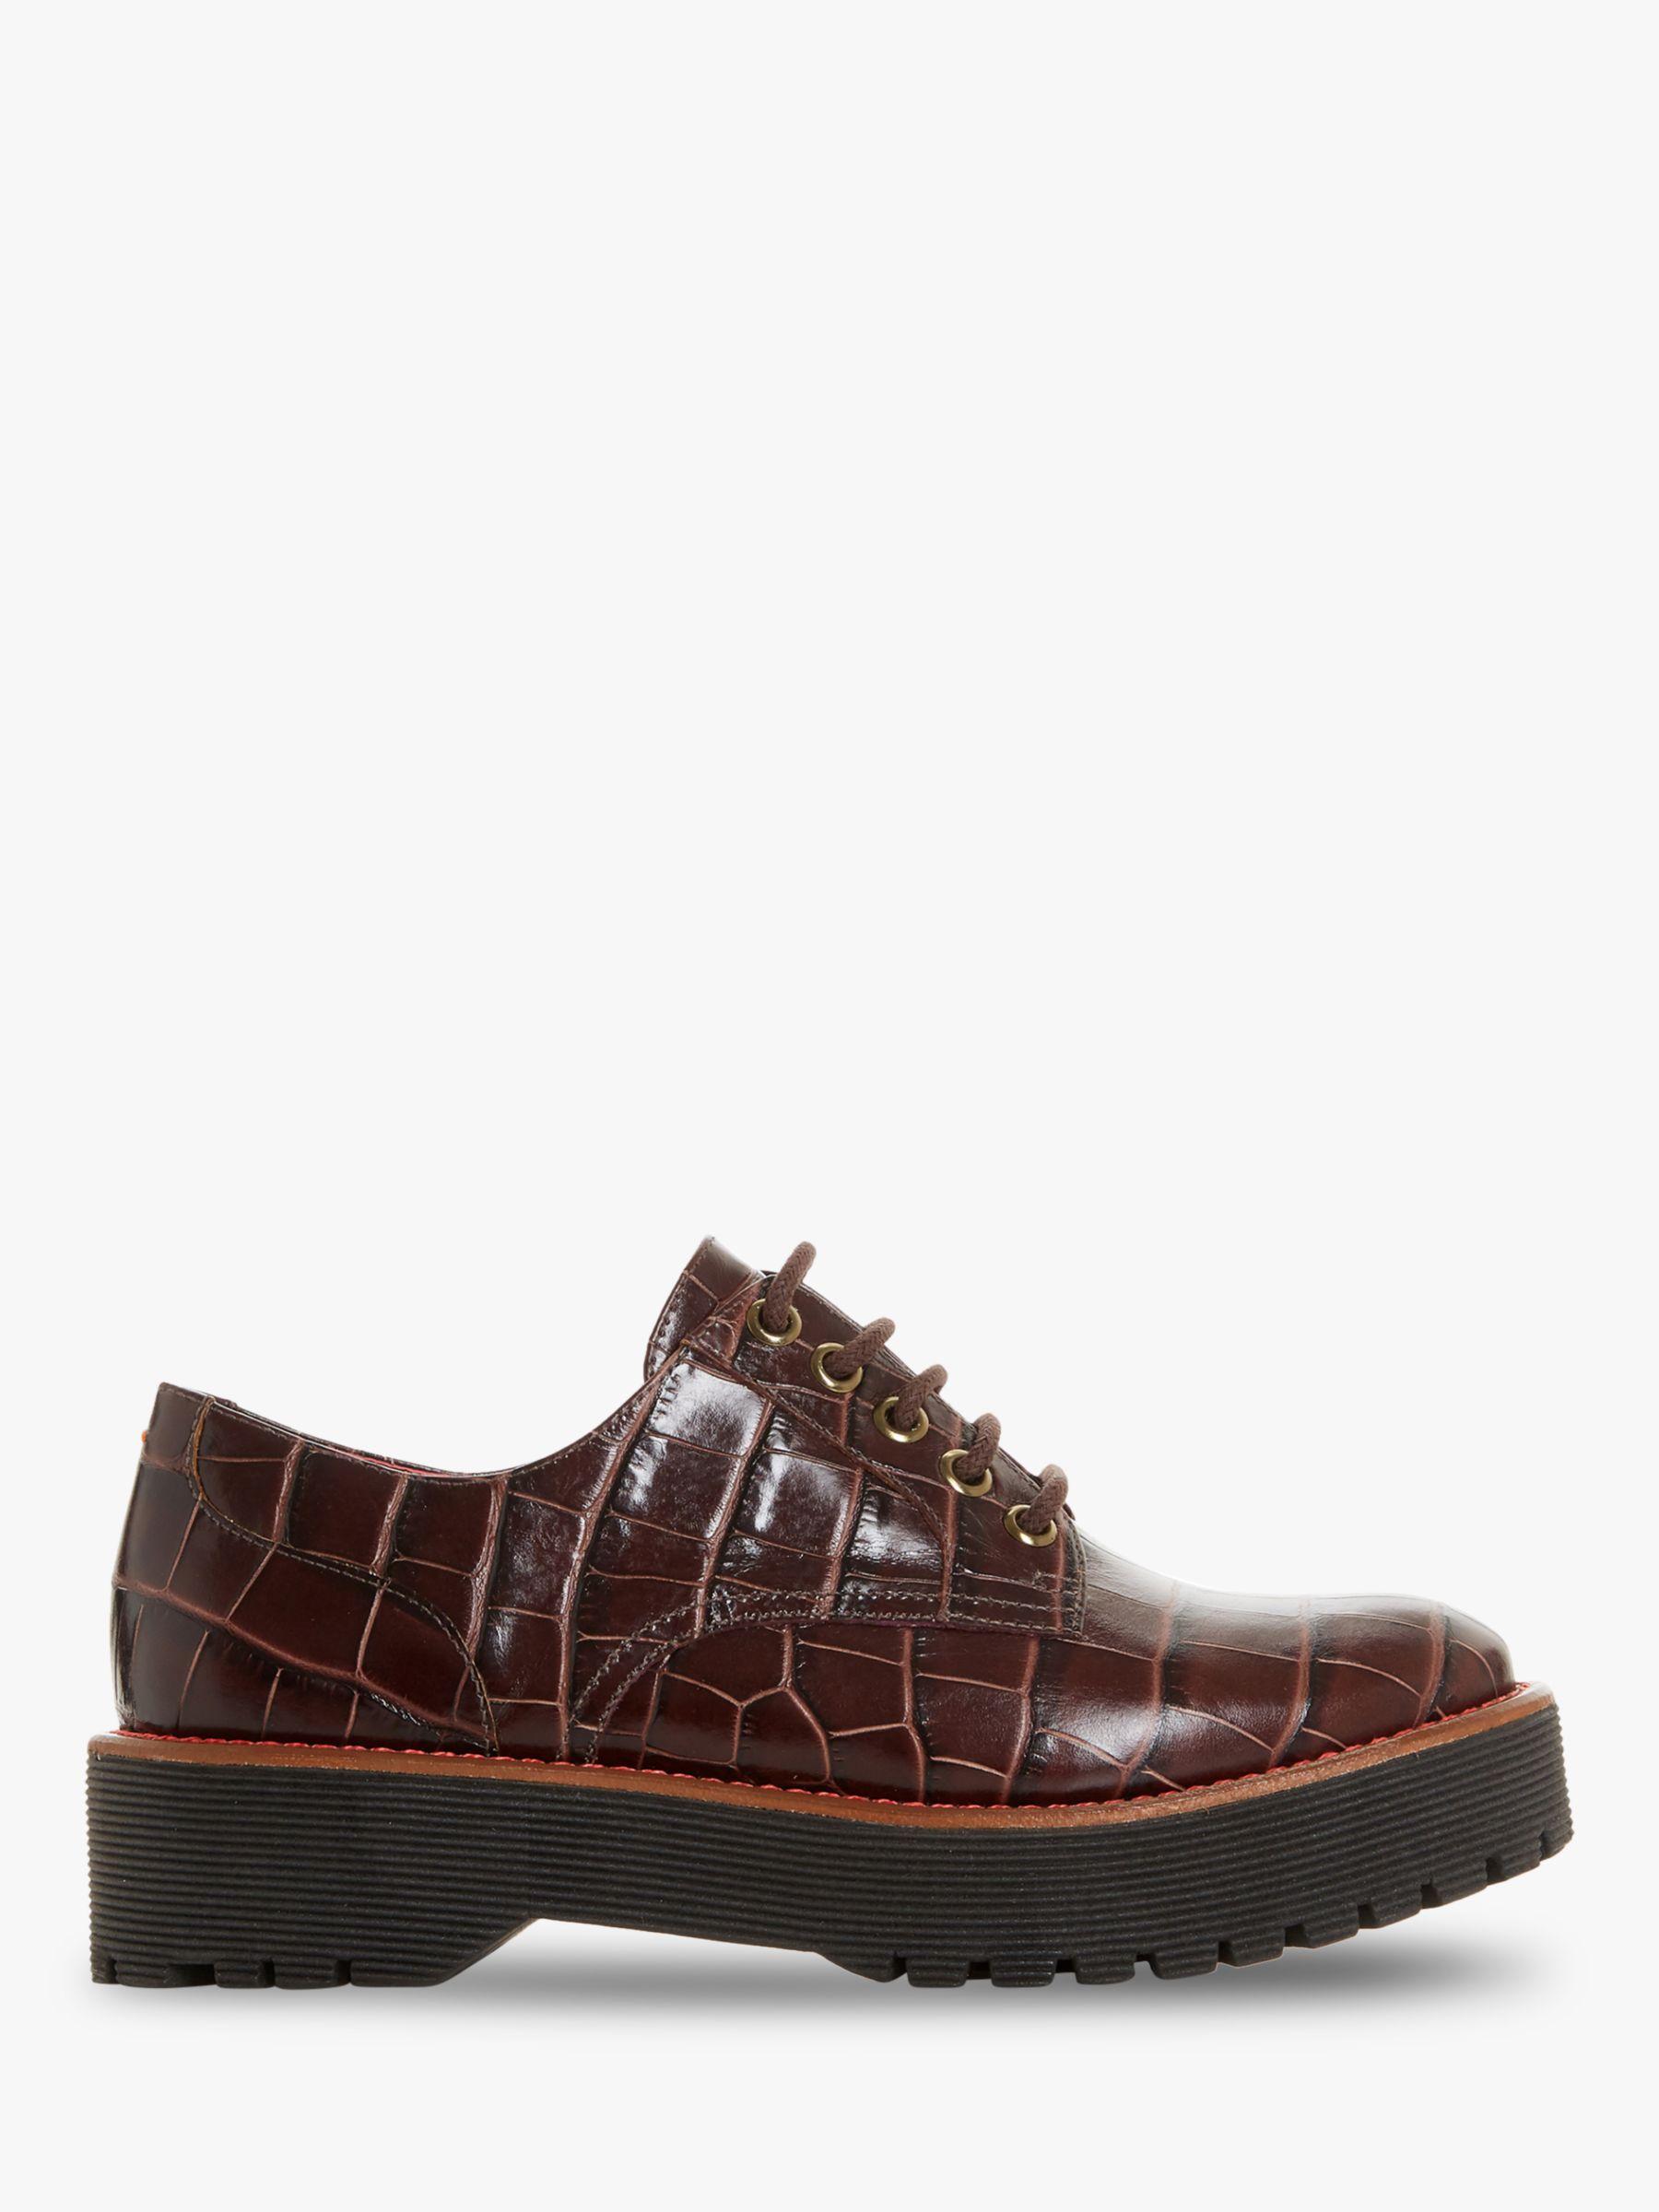 Bertie Bertie Federo Flatform Leather Brogues